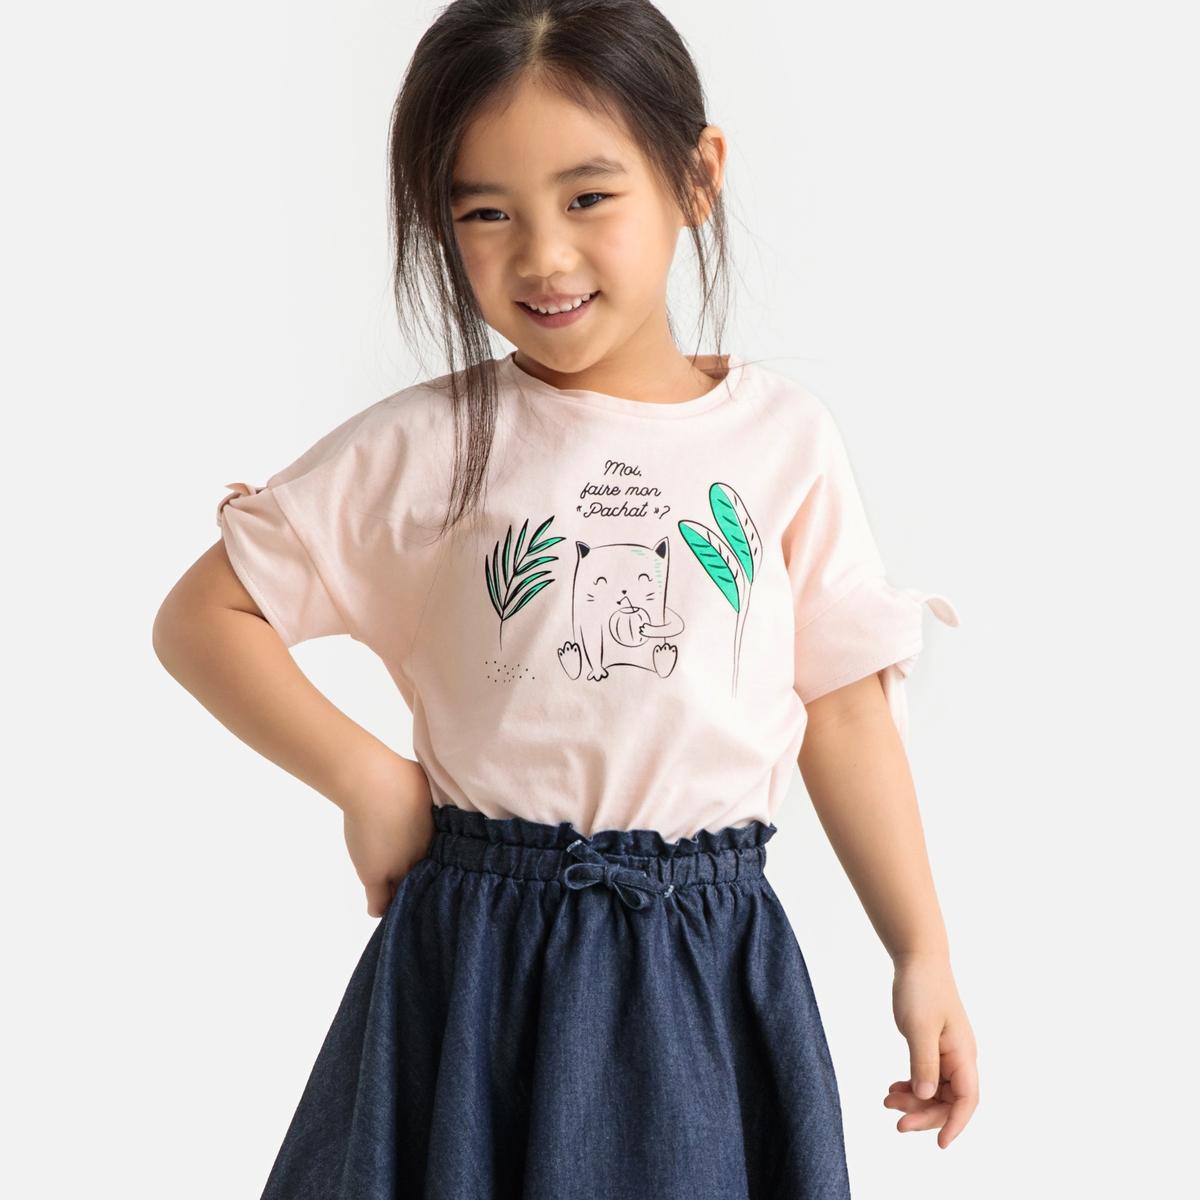 Комплект из футболок с La Redoute Короткими рукавами с принтом 3 года - 94 см розовый комплект для отдыха рузвельт 11 01 б темно коричневый